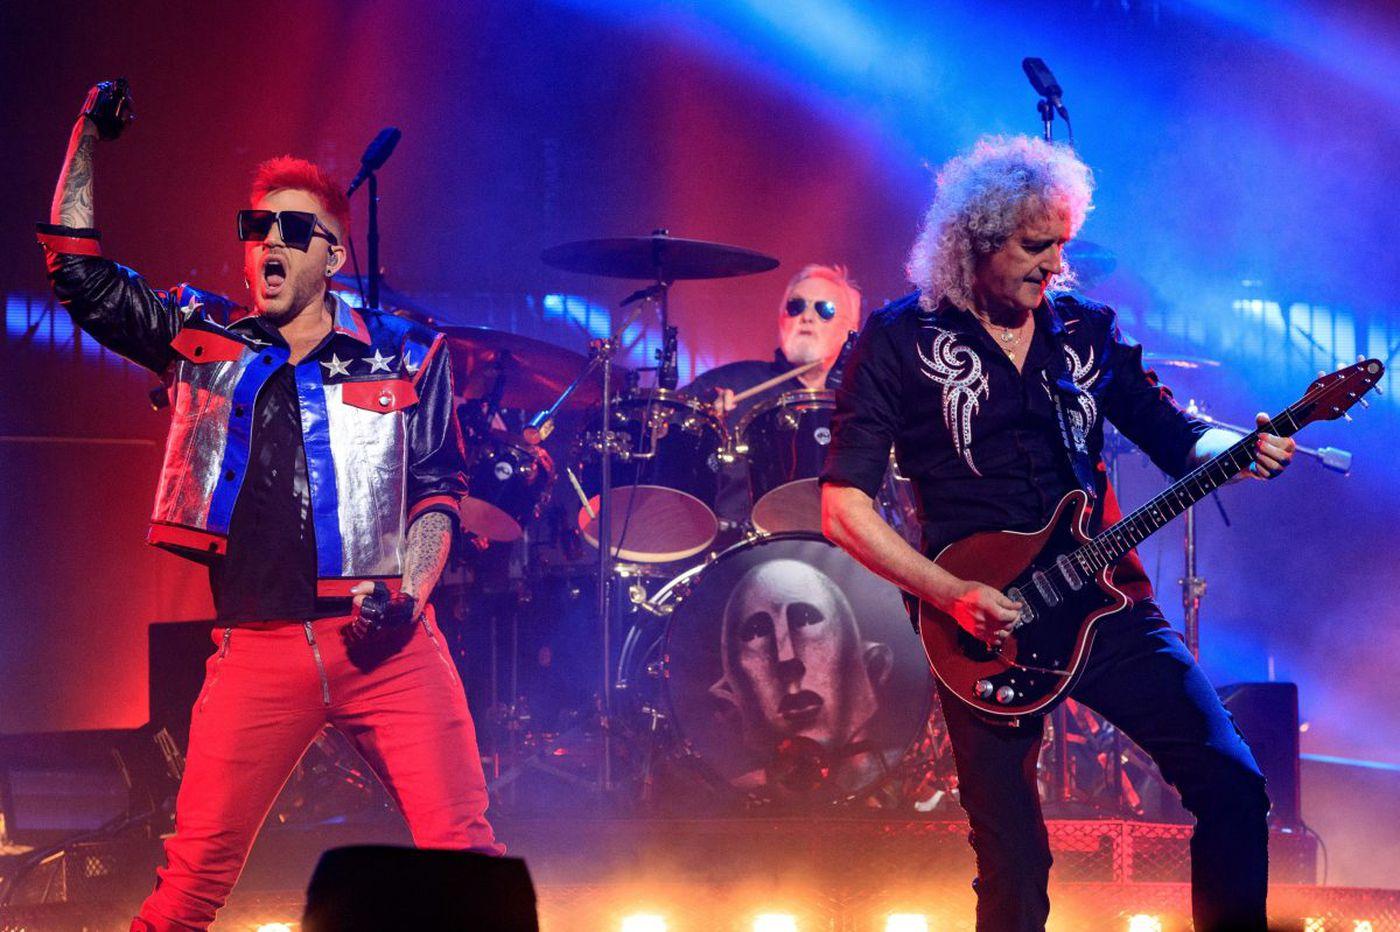 What to do in Philadephia, Aug. 2-8: Queen + Adam Lambert, NoLibs' street fest, Joan Jett, Bootsy Collins